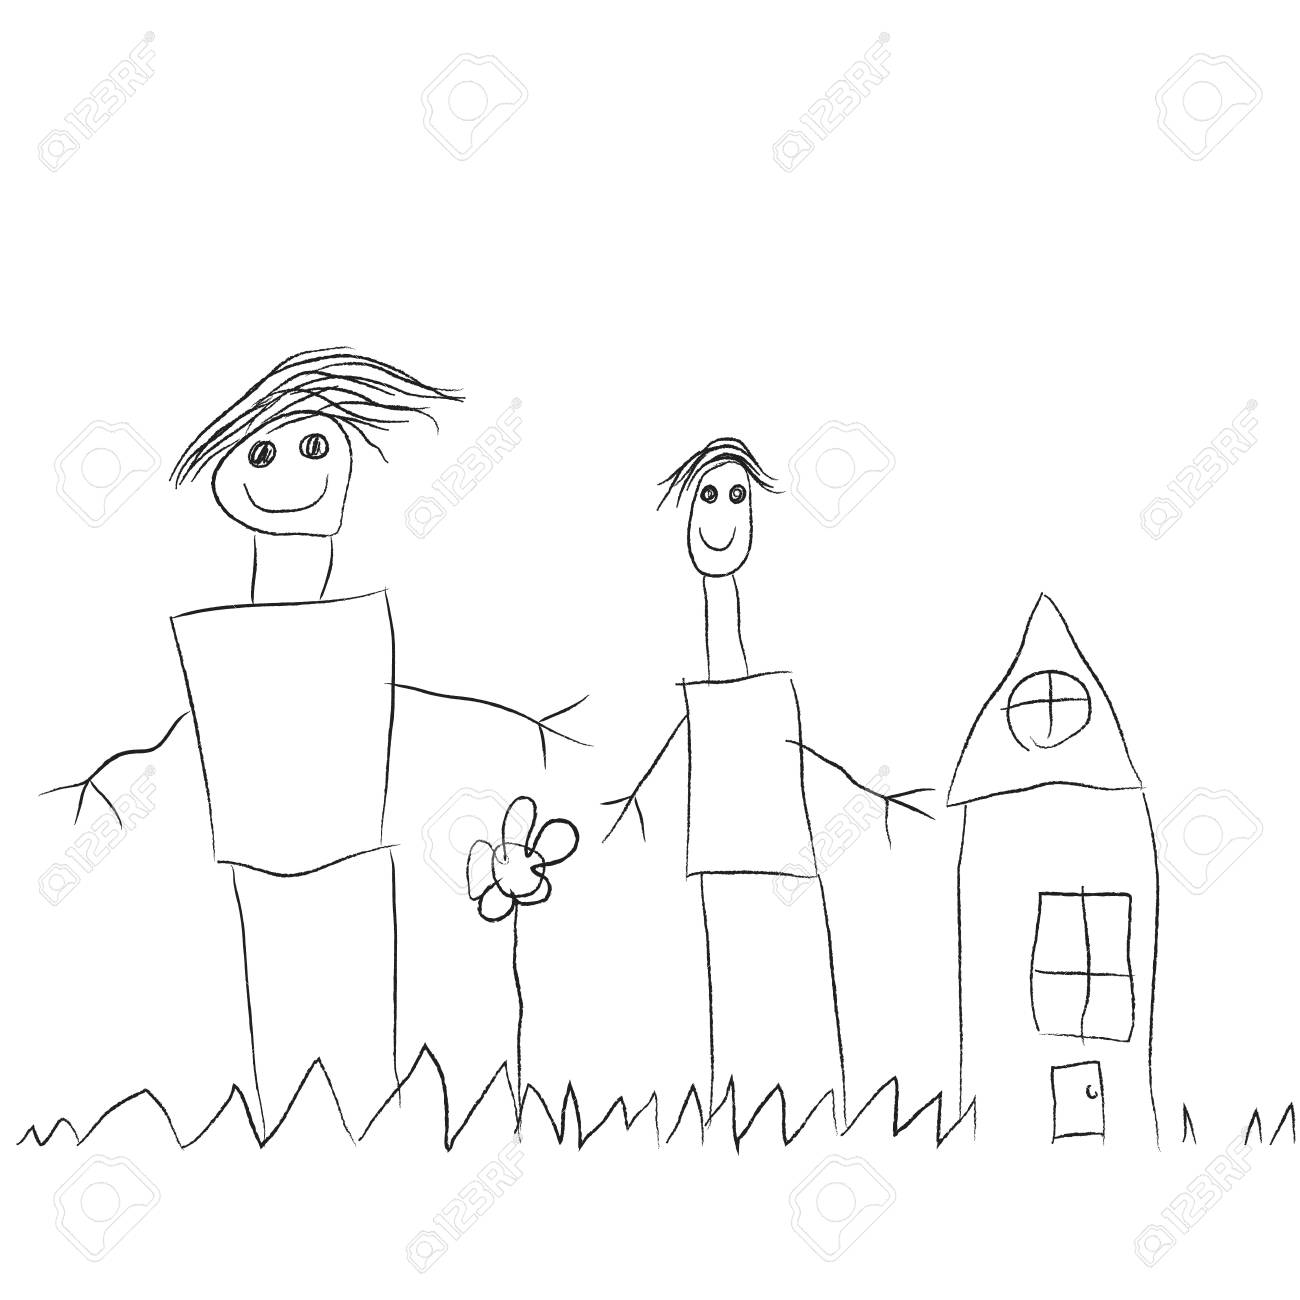 Dibujos Para Dibujar A Lapiz Para Ninos